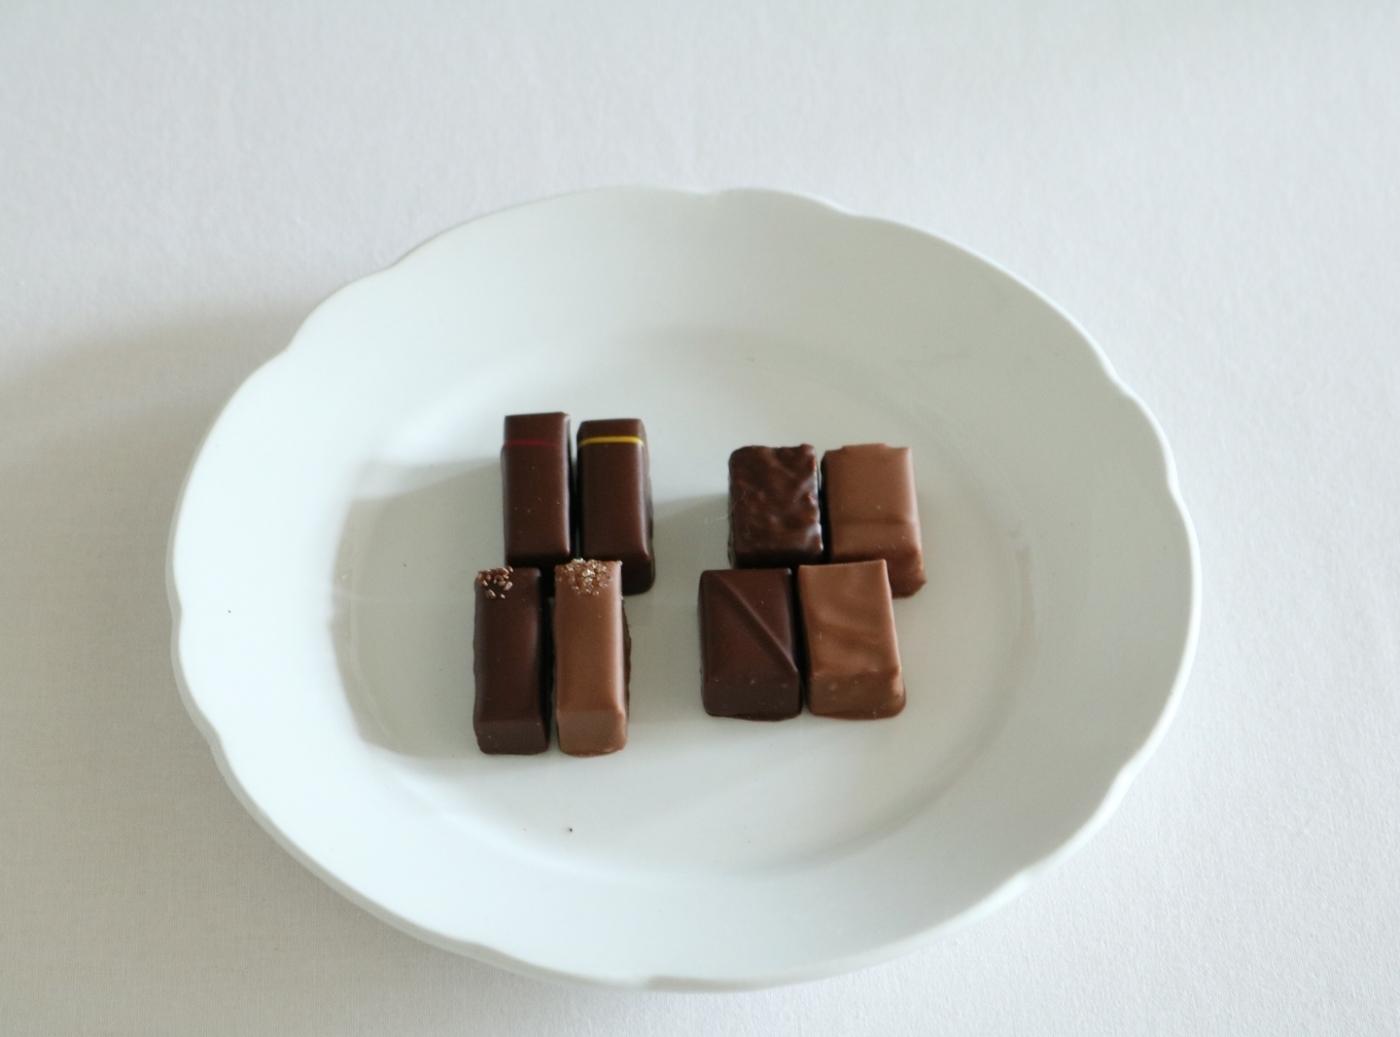 """ラ・メゾン・デュ・ショコラ """"審美眼を持つ大人へ敬意を込めて。食べ比べが楽しいボンボン・ドゥ・ショコラ"""""""